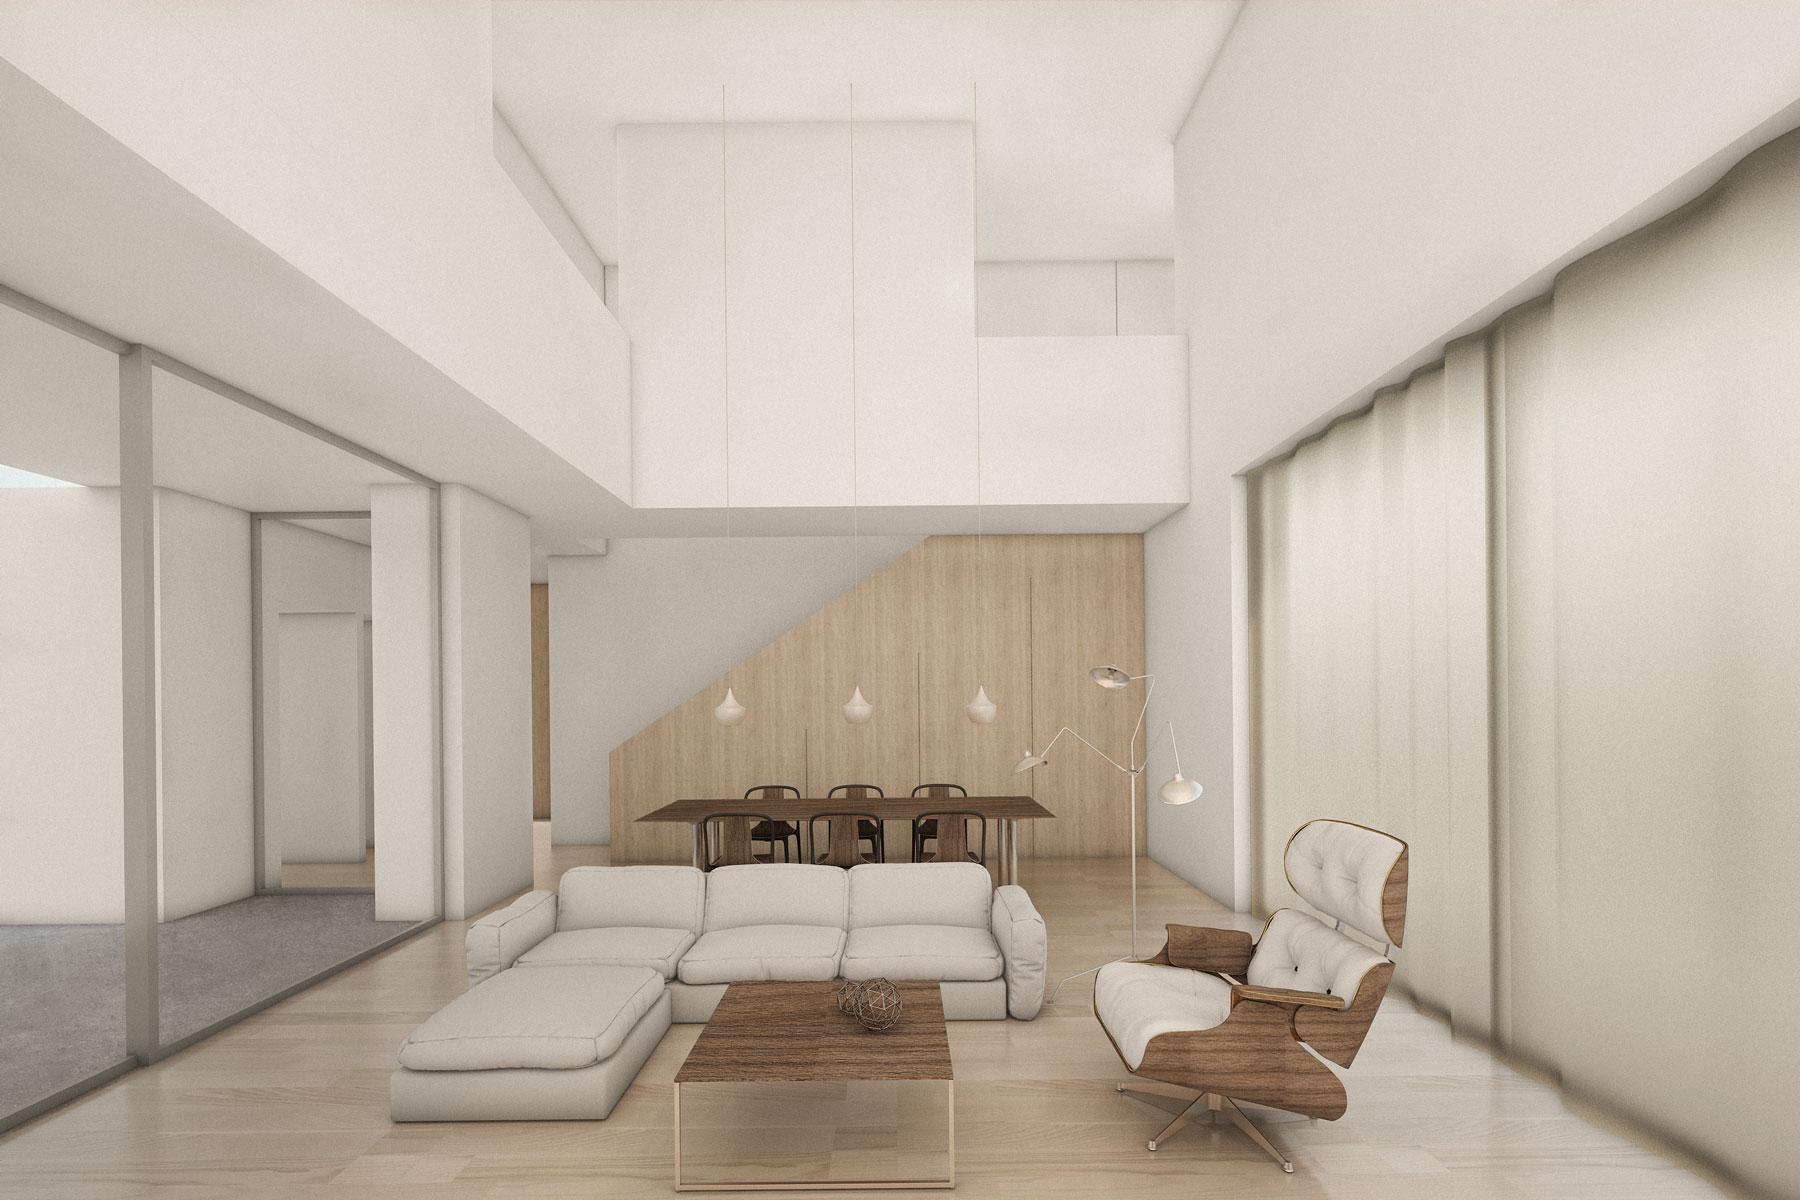 Casa 1614